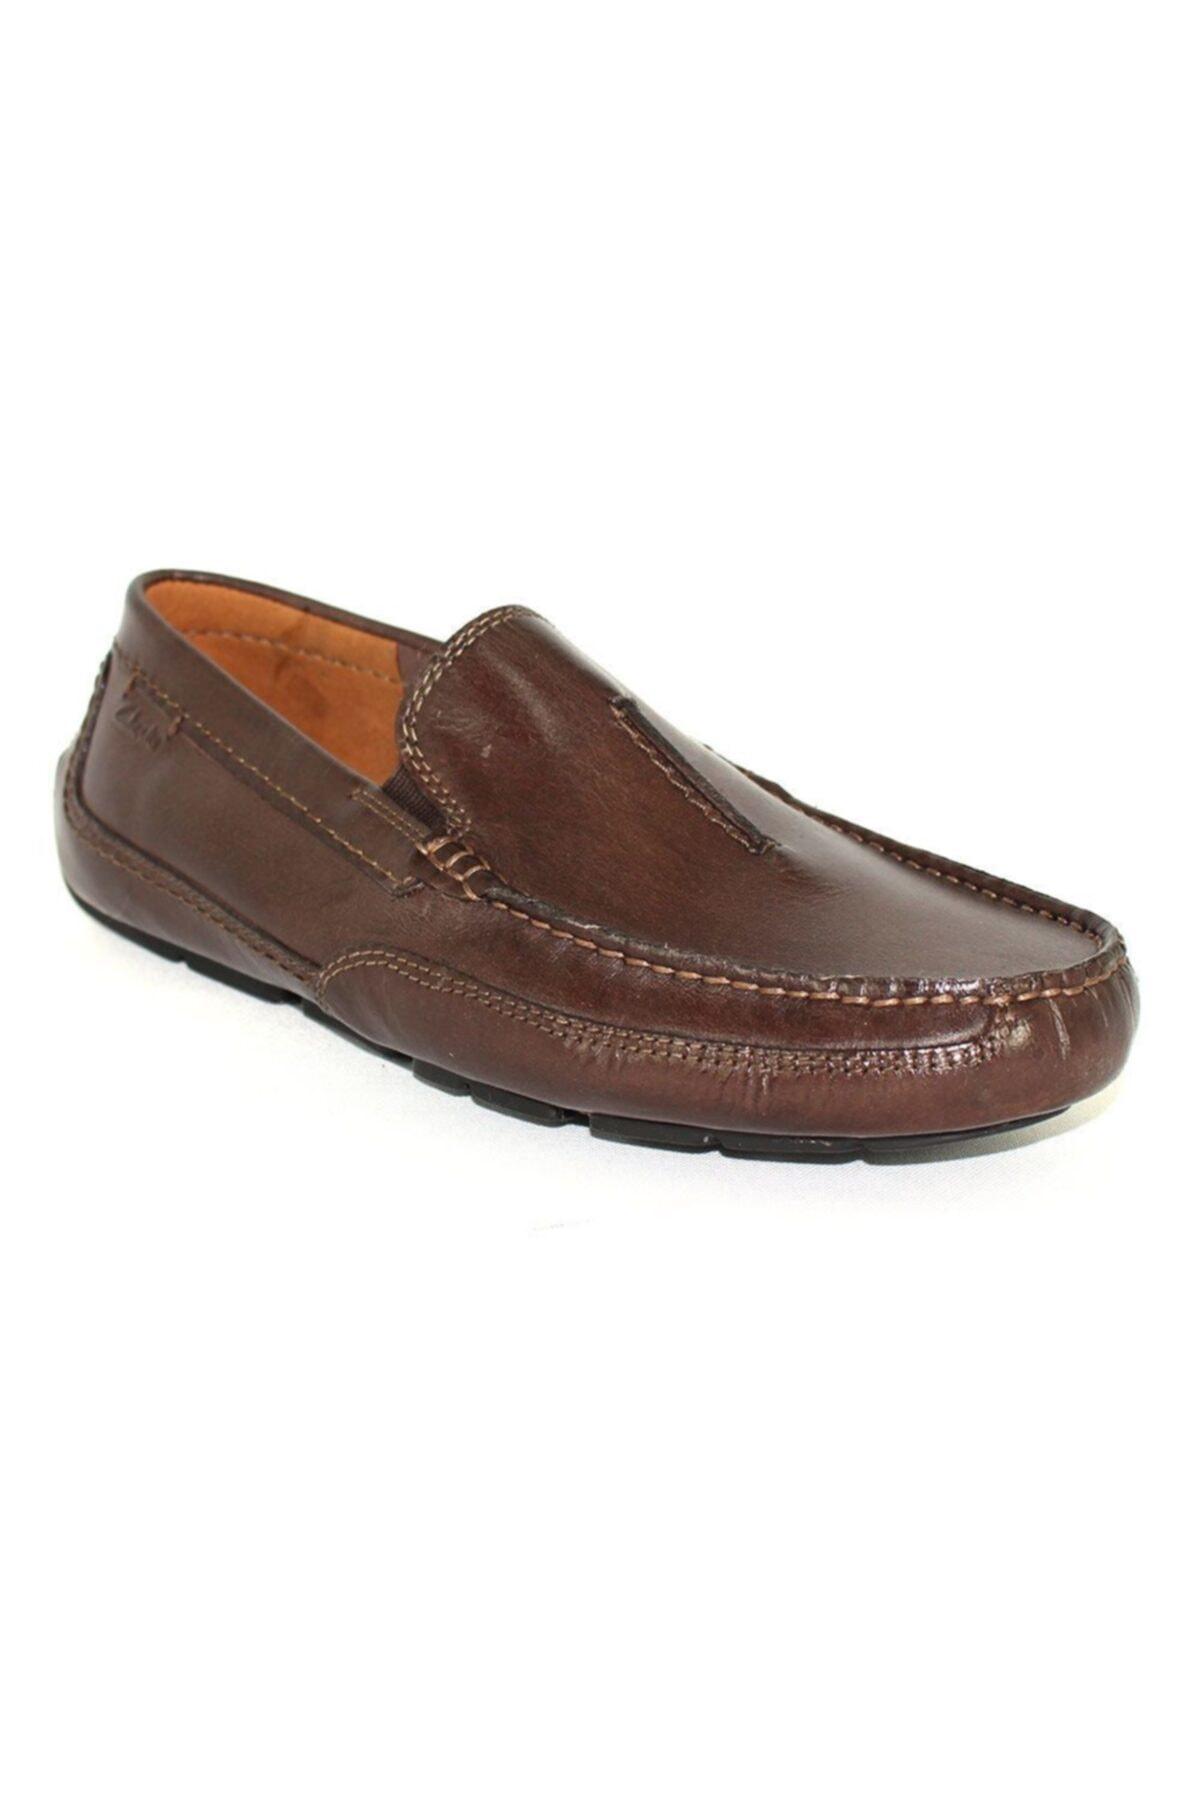 CLARKS Erkek Kahverengi Klasik Şık Ve Rahat Çok Yönlü Ürün Ashmont Race Ayakkabı 2